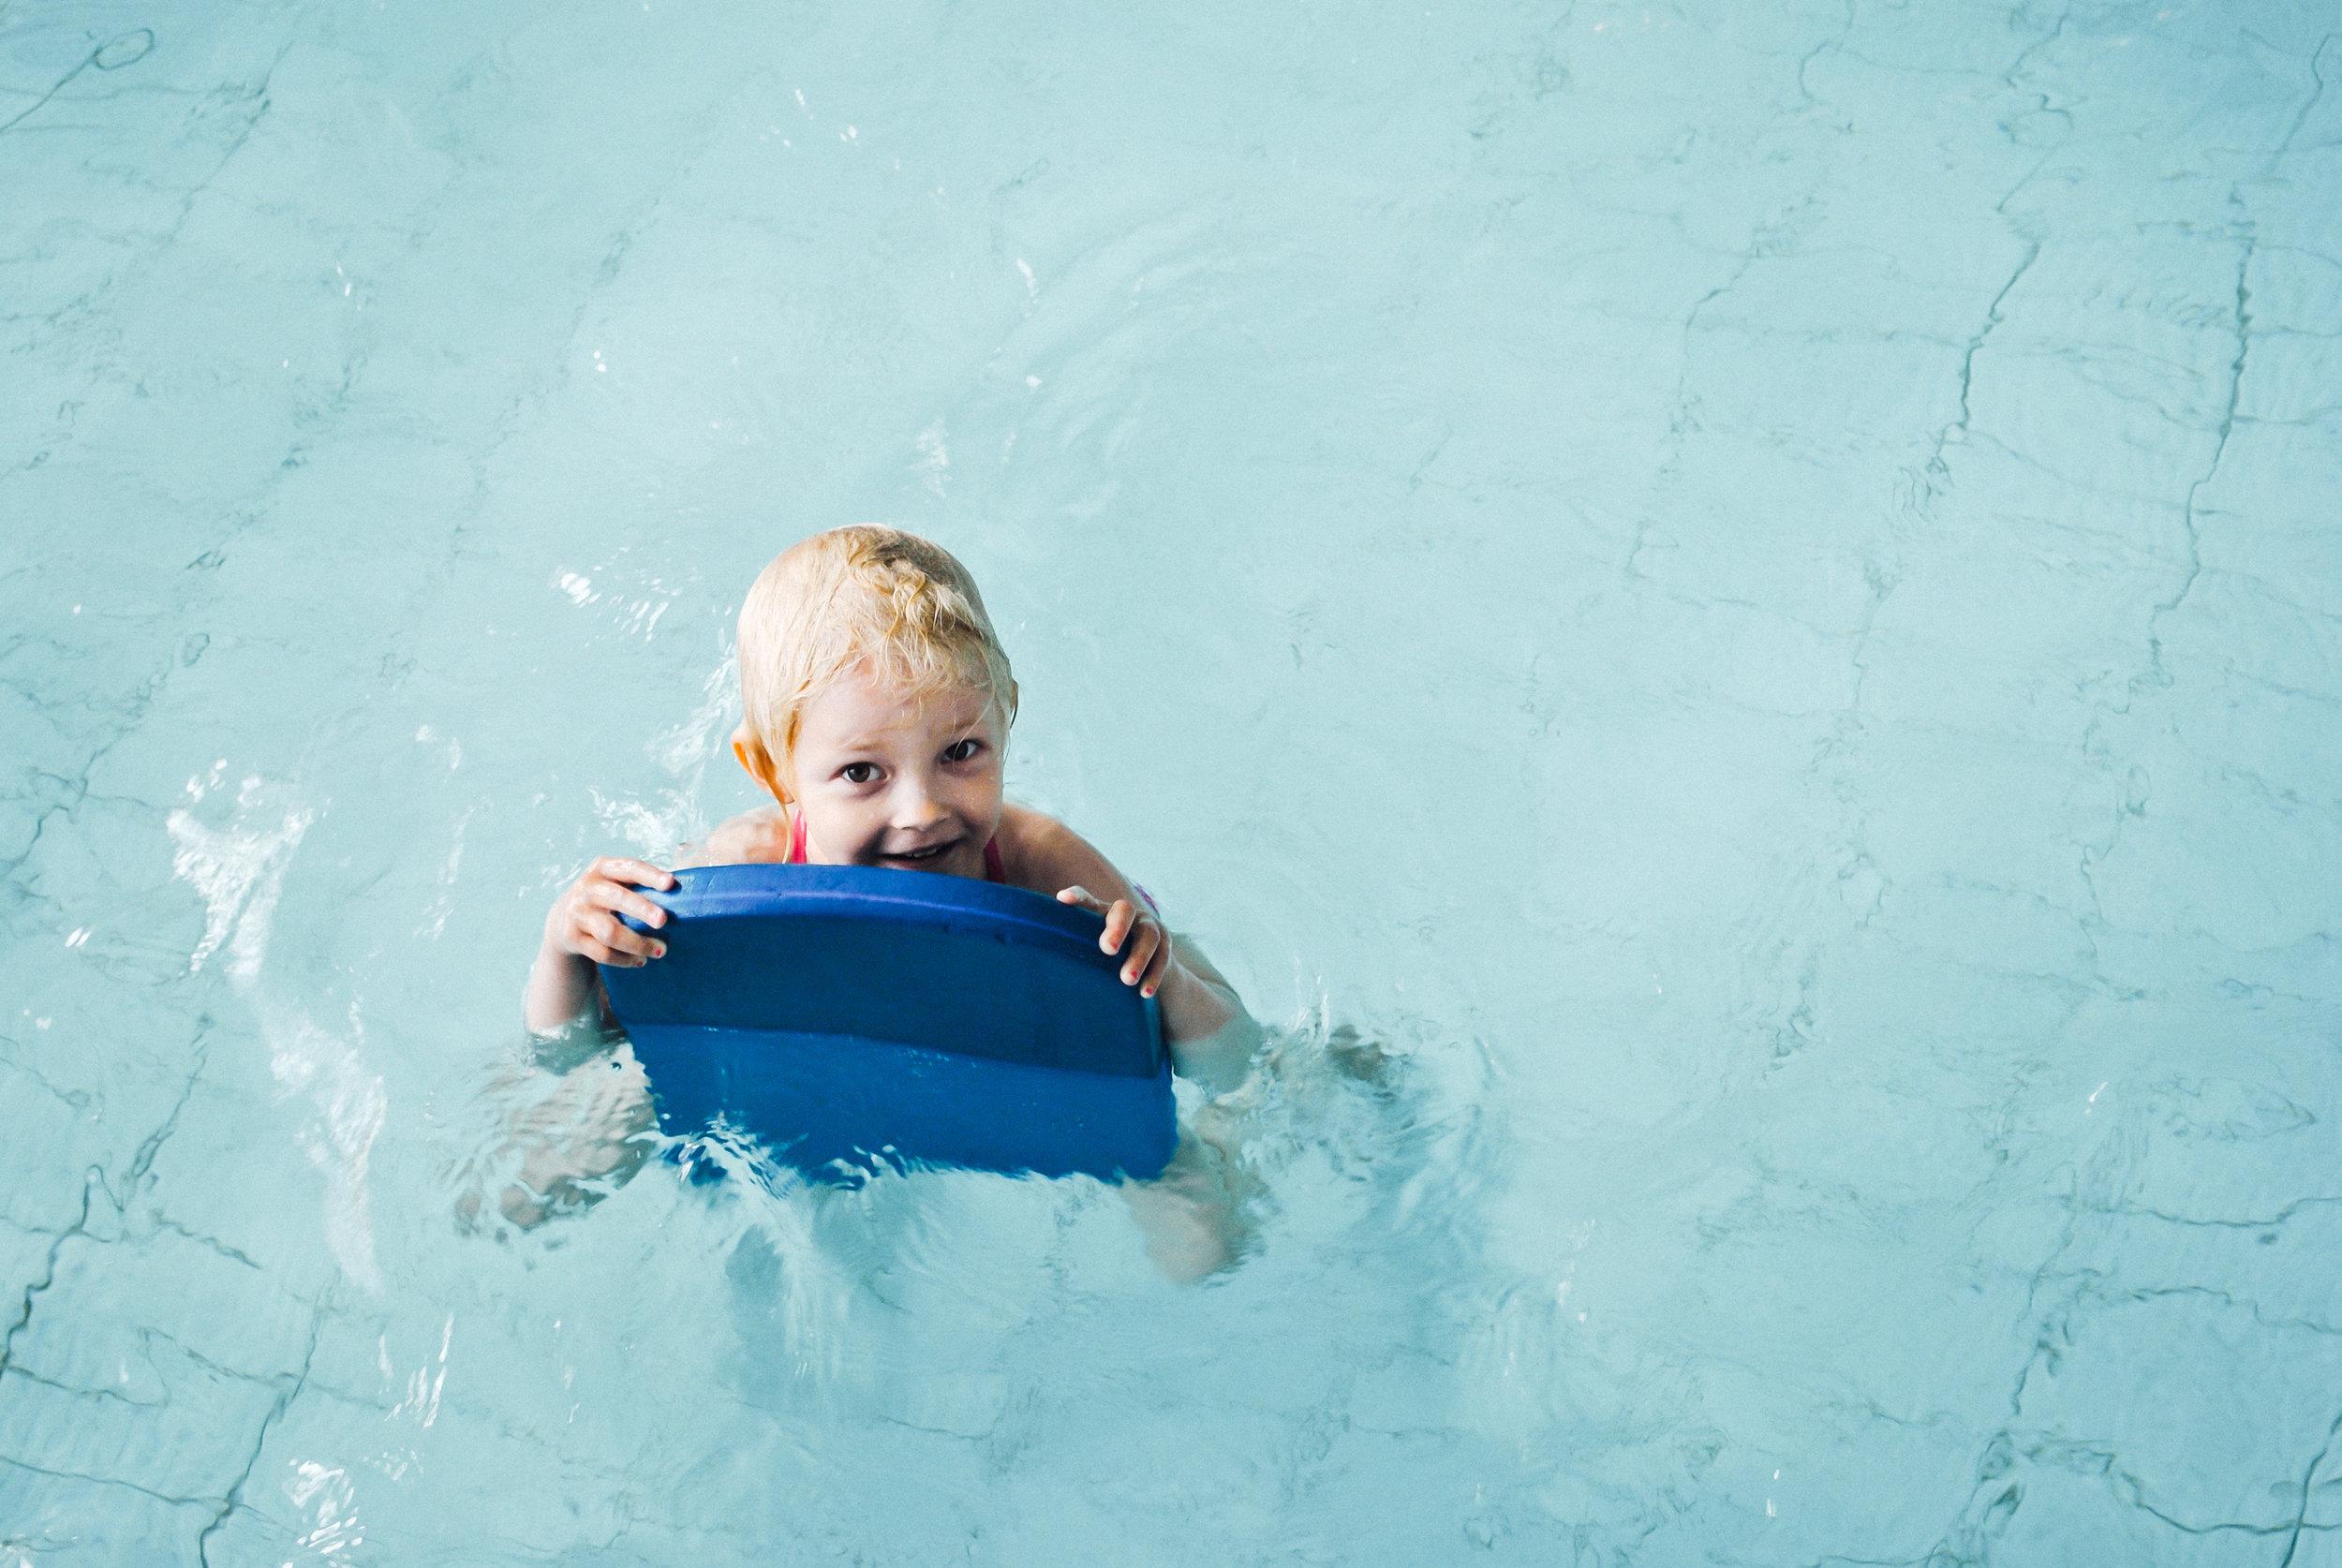 Lasten uimakoulut - 3 kerran lasten intensiiviuimakoulut järjestetään kesäkuussa. Vielä on aikaa oppia parempi uimataito kesälomien ajaksi.